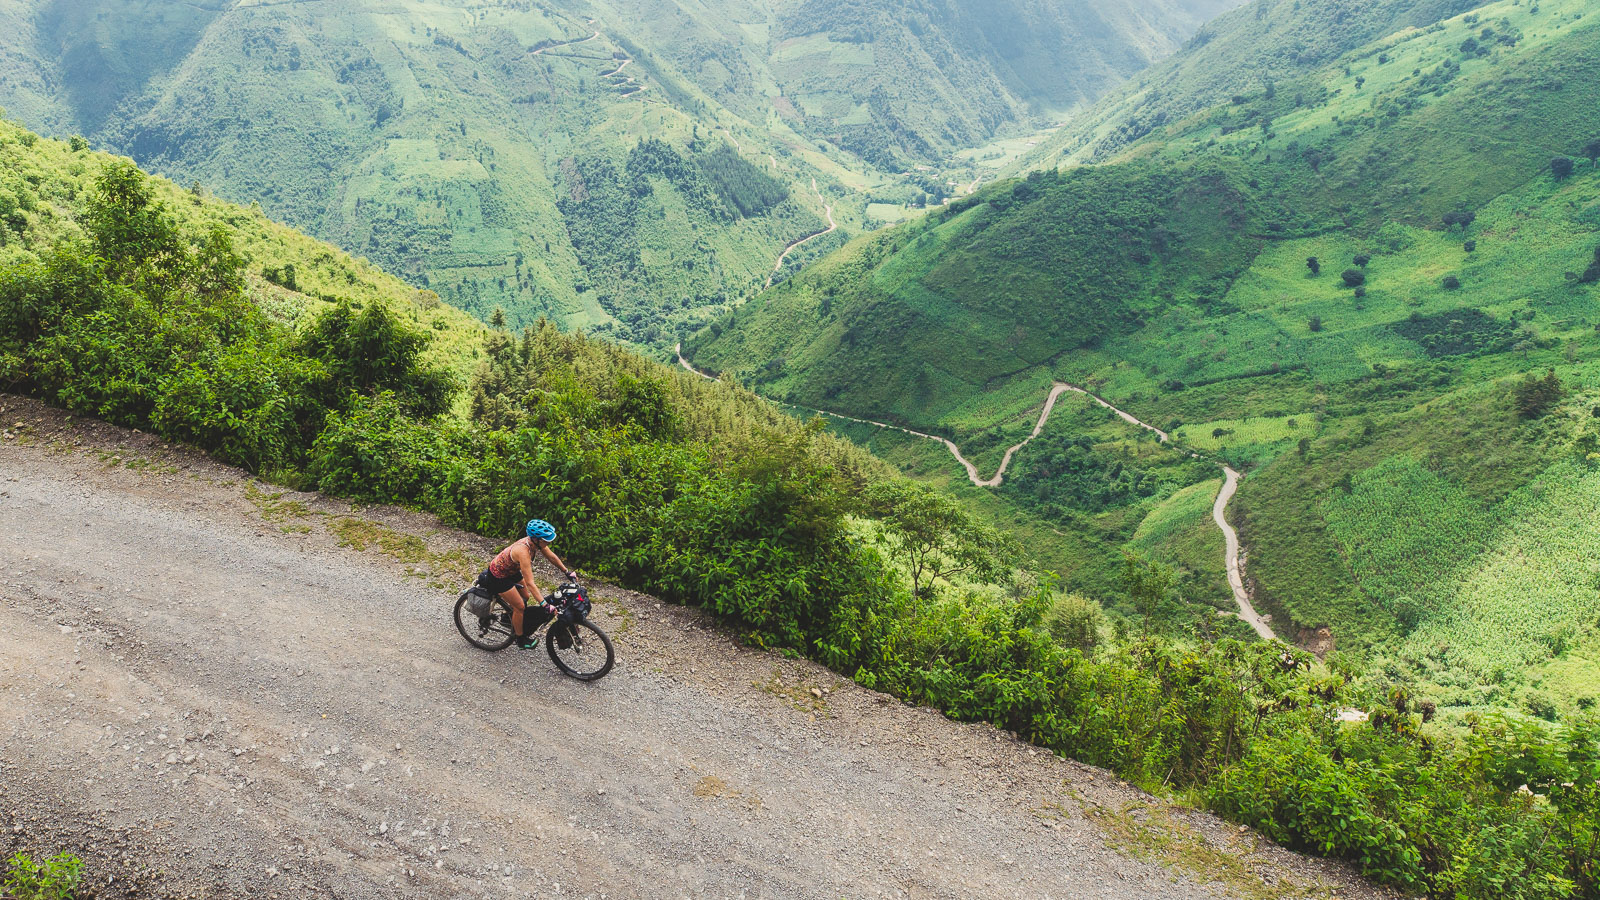 Exploring the Sierra de los Cuchumatanes: part I